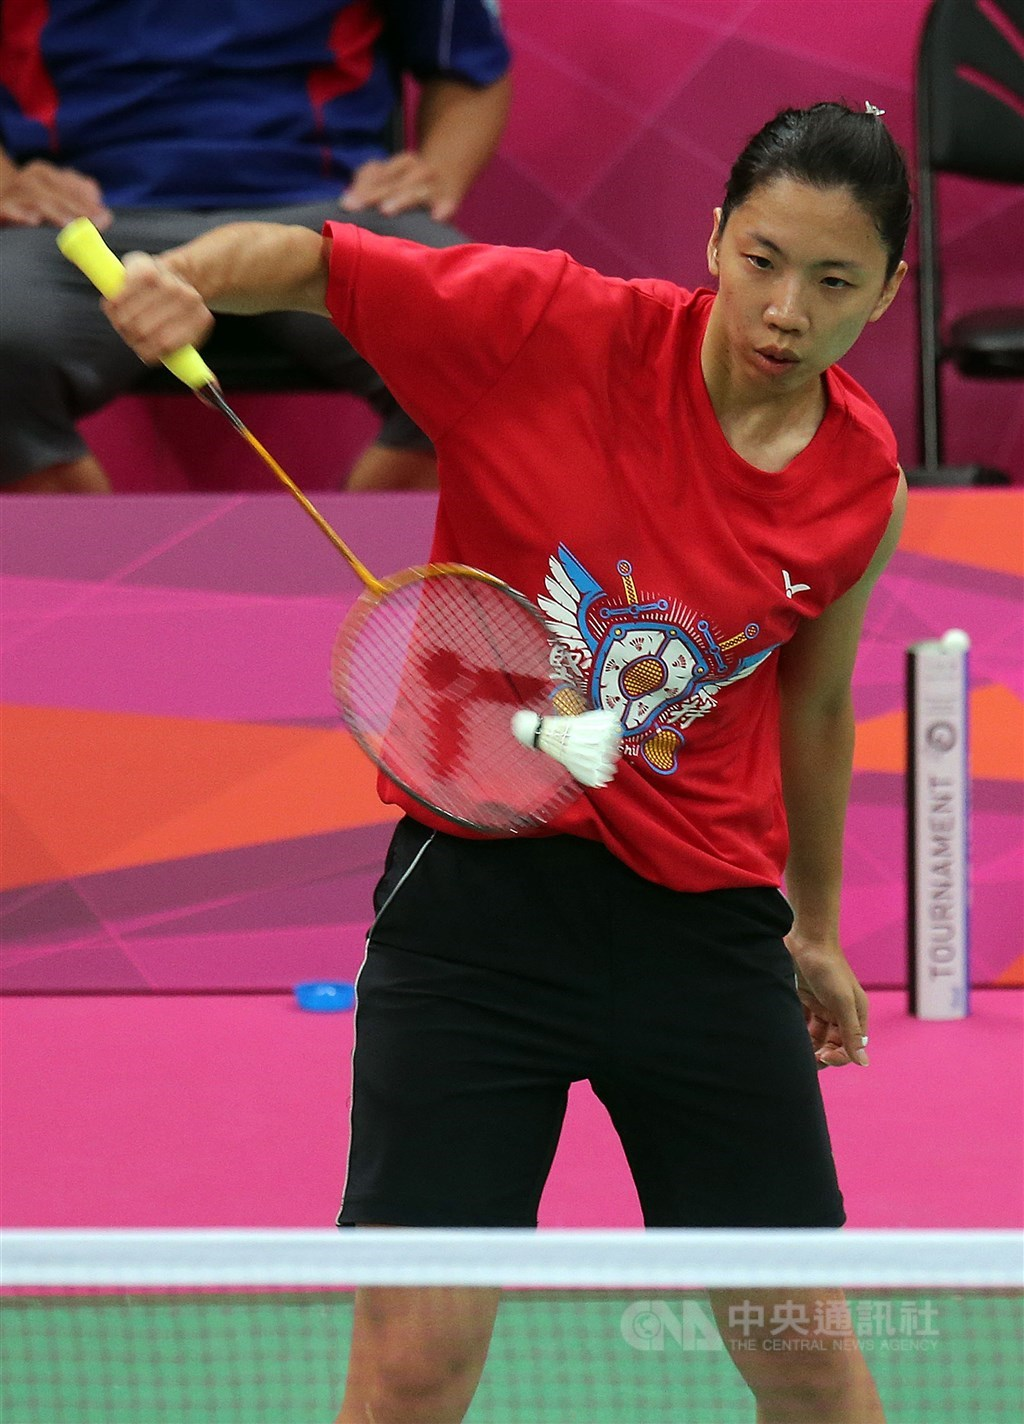 香港媒體爆料,世界羽球聯盟13日公布泰國羽球公開賽驗出武漢肺炎病毒呈陽性反應的其中1人,是前台灣雙打世界球后程文欣(圖)。(中央社檔案照片)